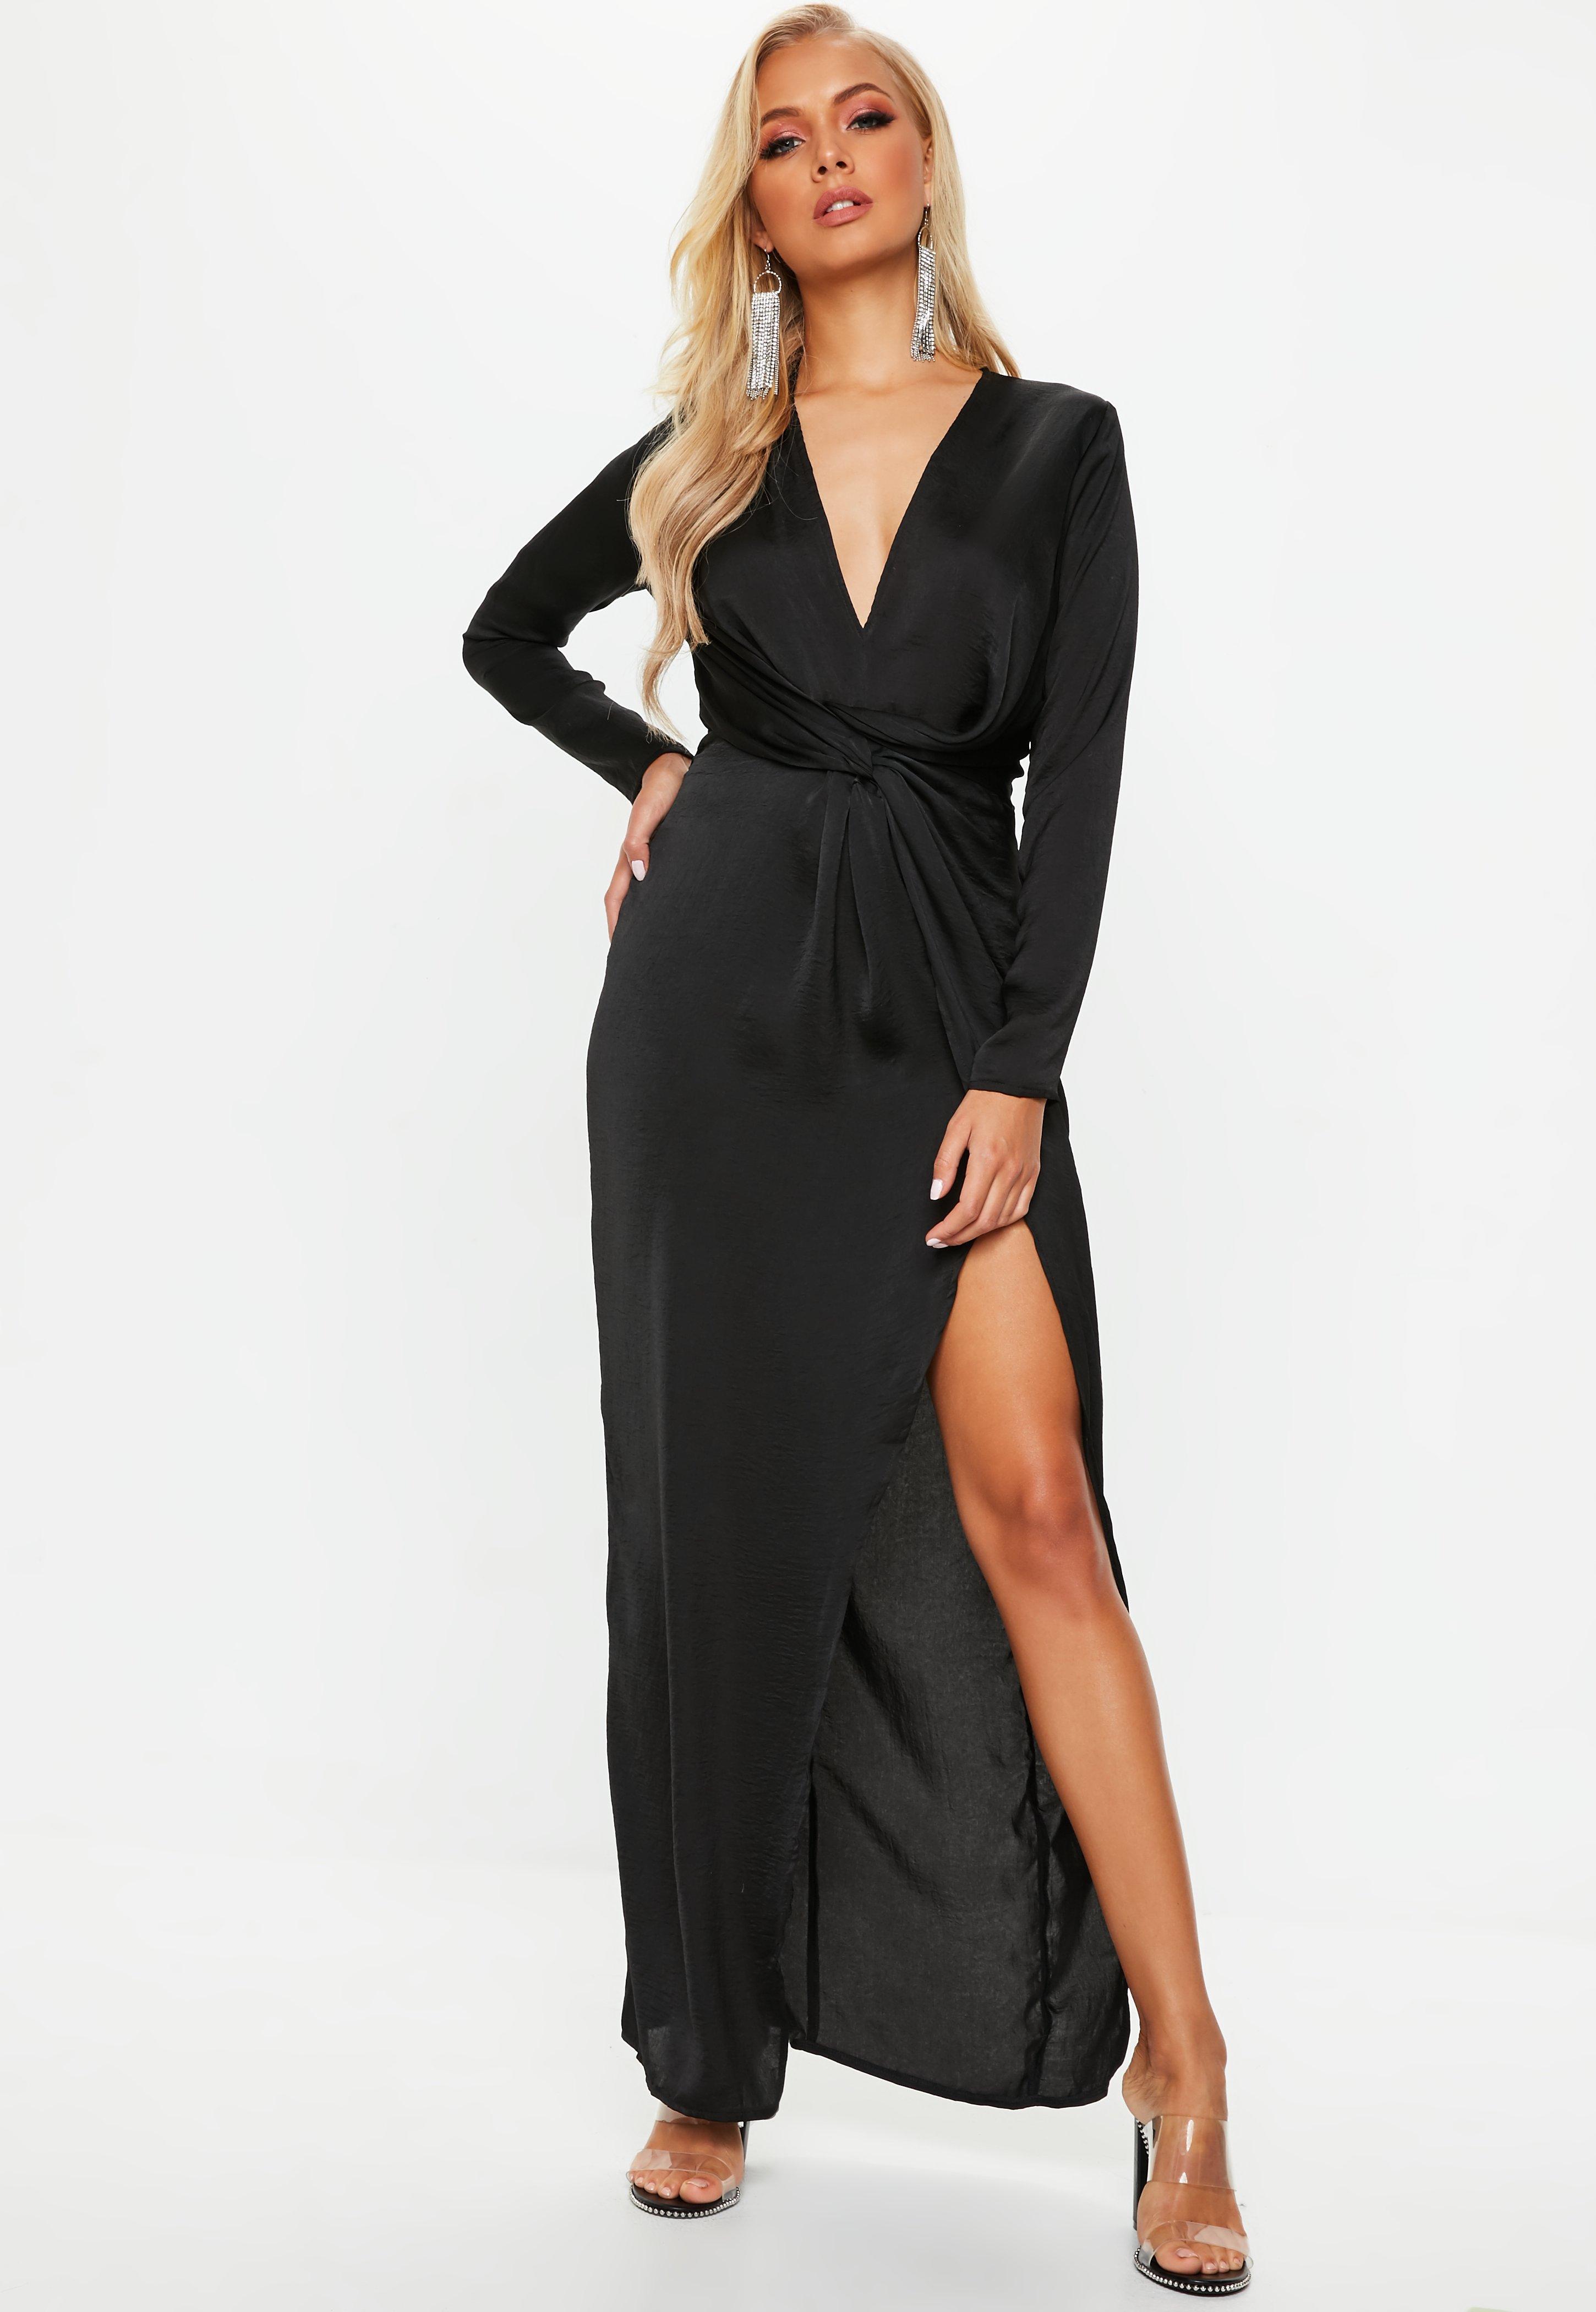 Black Plunge Wrap Front Maxi Dress Black Plunge Wrap Front Maxi Dress